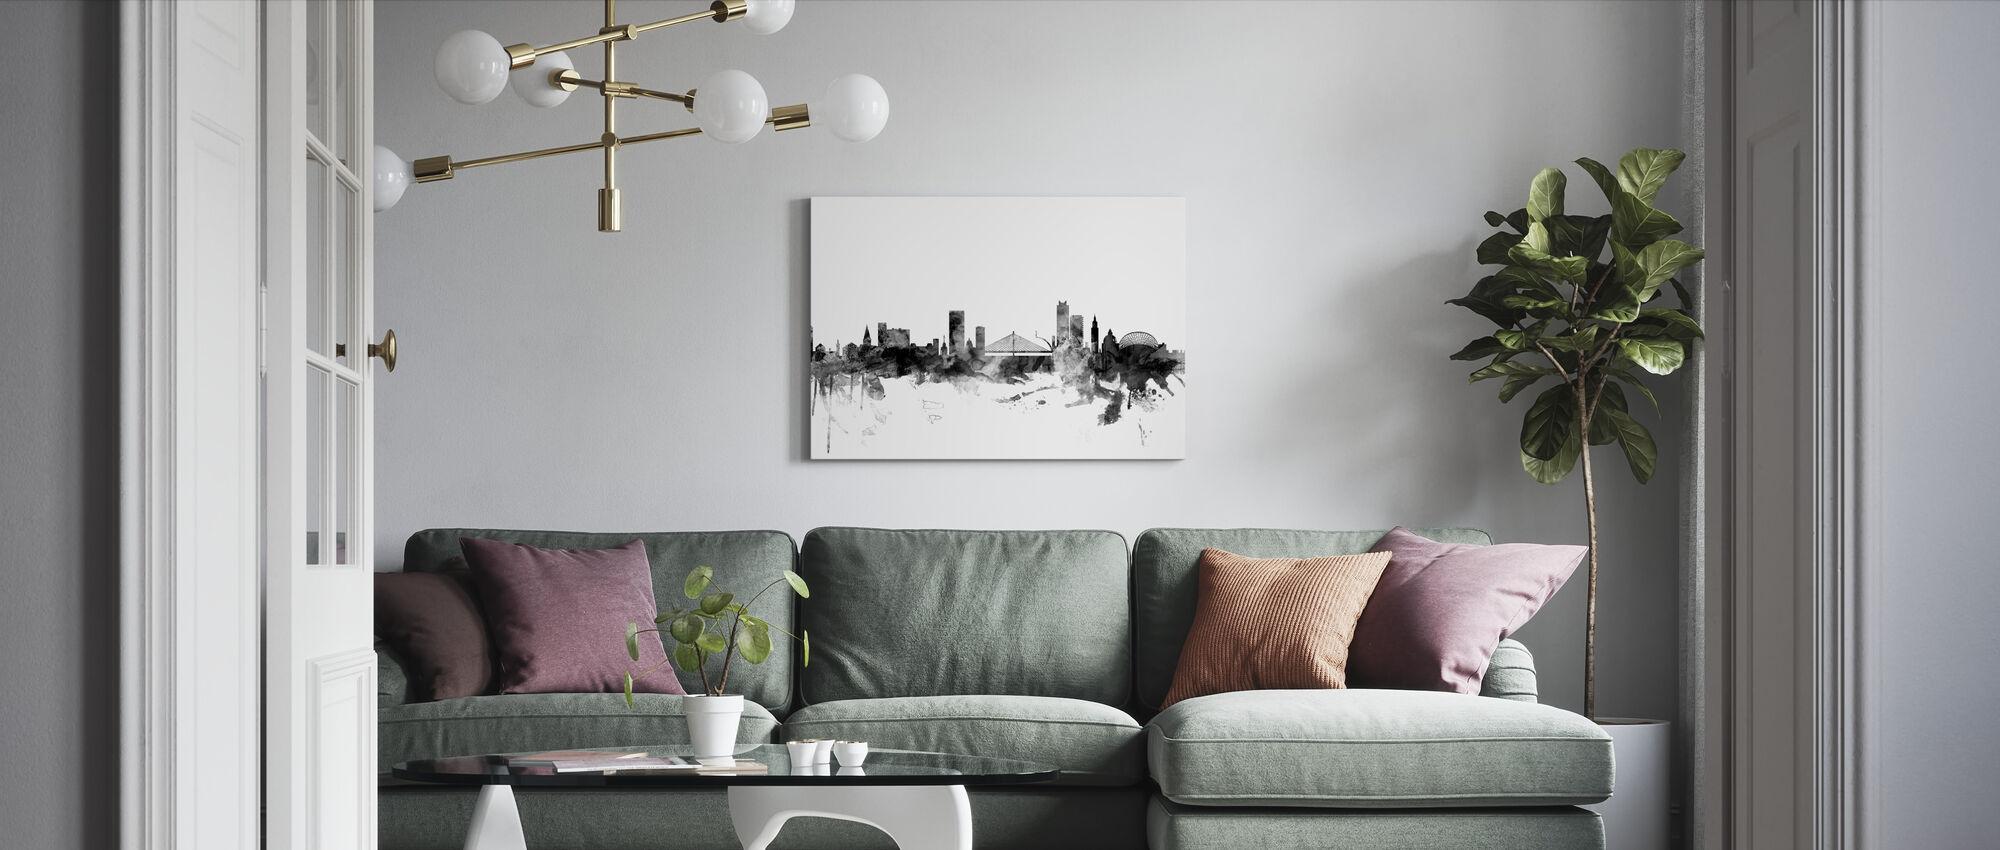 Liege Belgien Skyline Sort - Billede på lærred - Stue